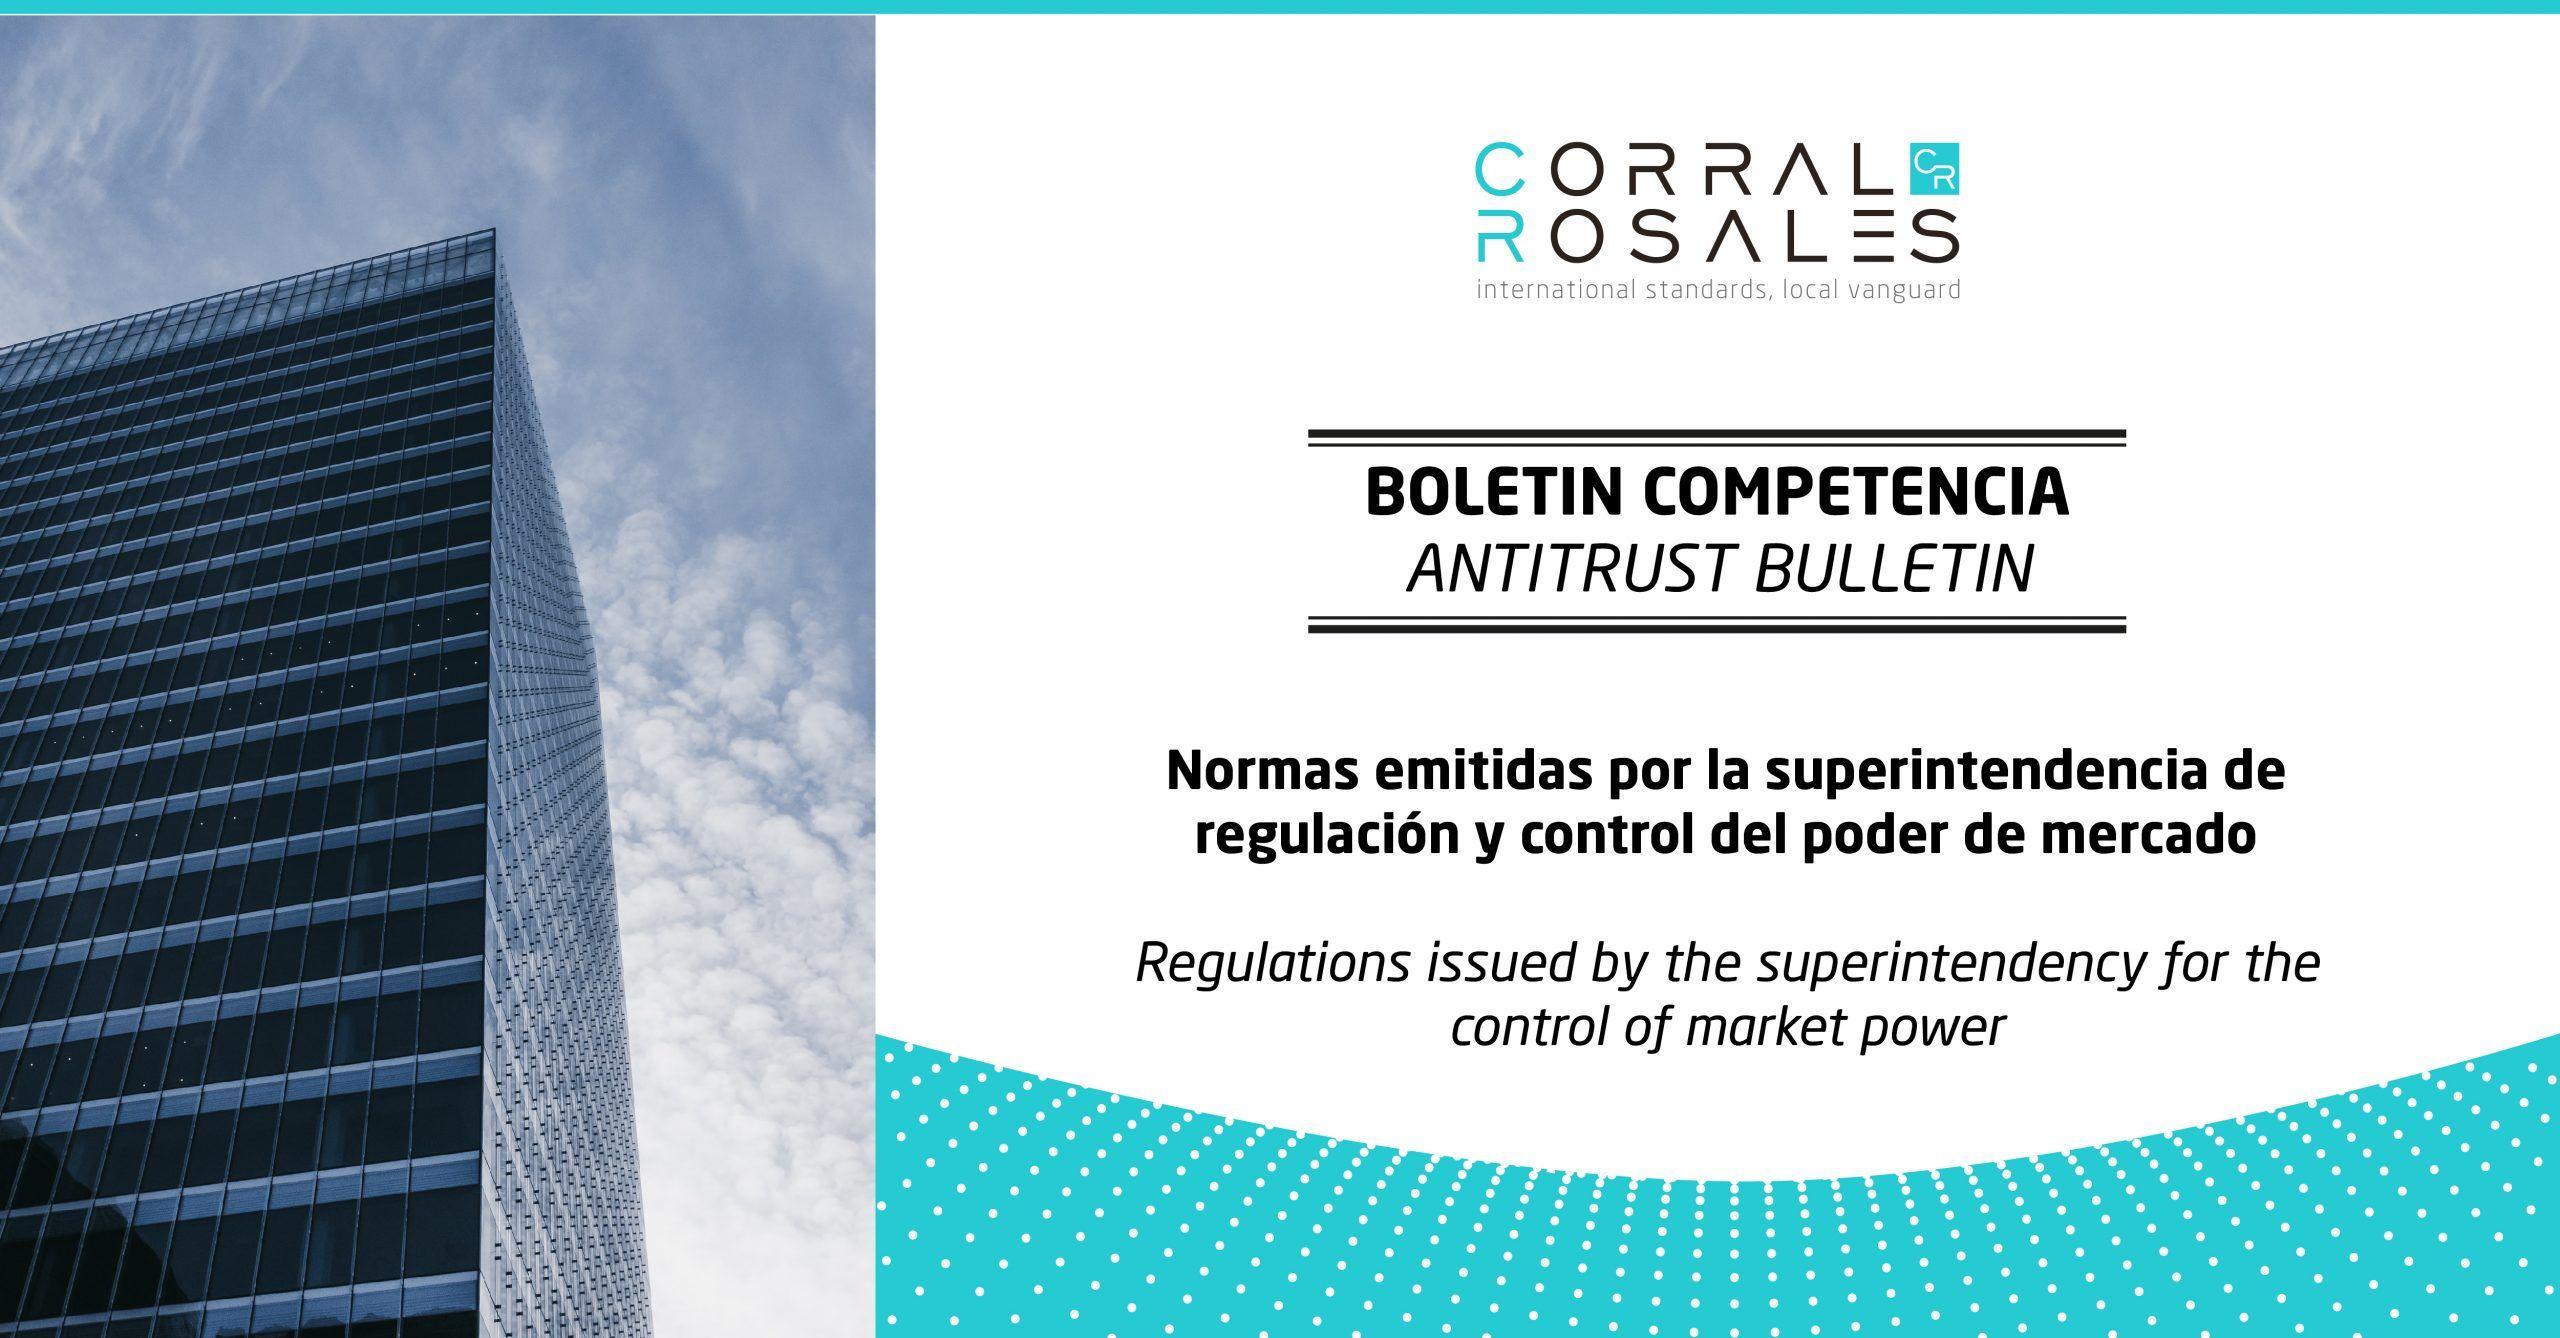 normas-emitidas-por-la-superintendencia-de-regulacion-y-control-del-poder-de-mercado